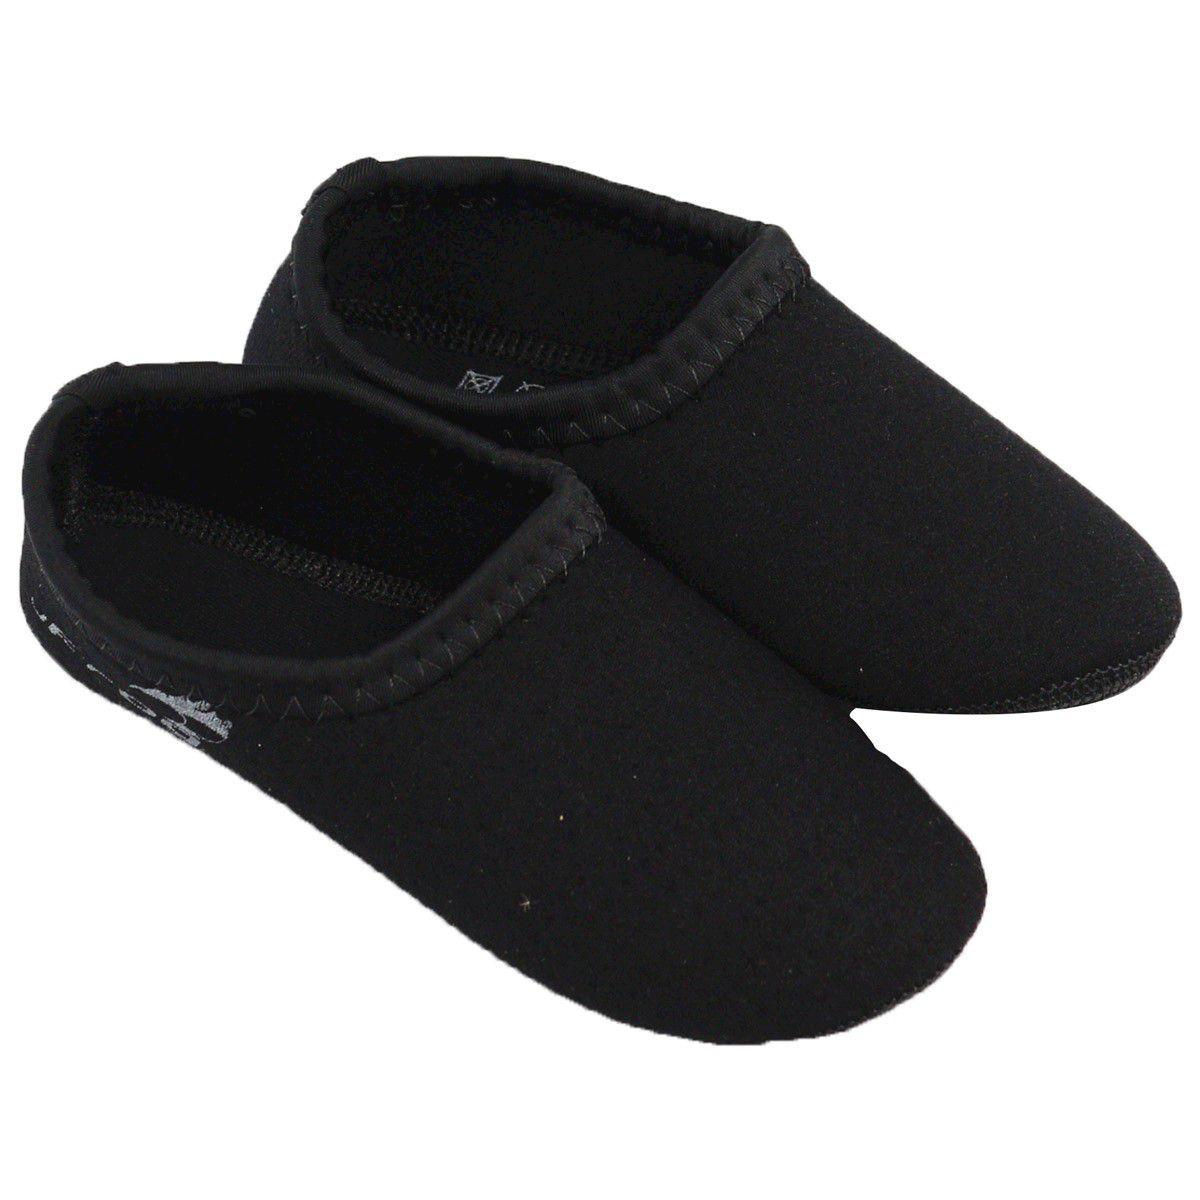 Sapato de Neoprene Adulto Fit Preto Ufrog